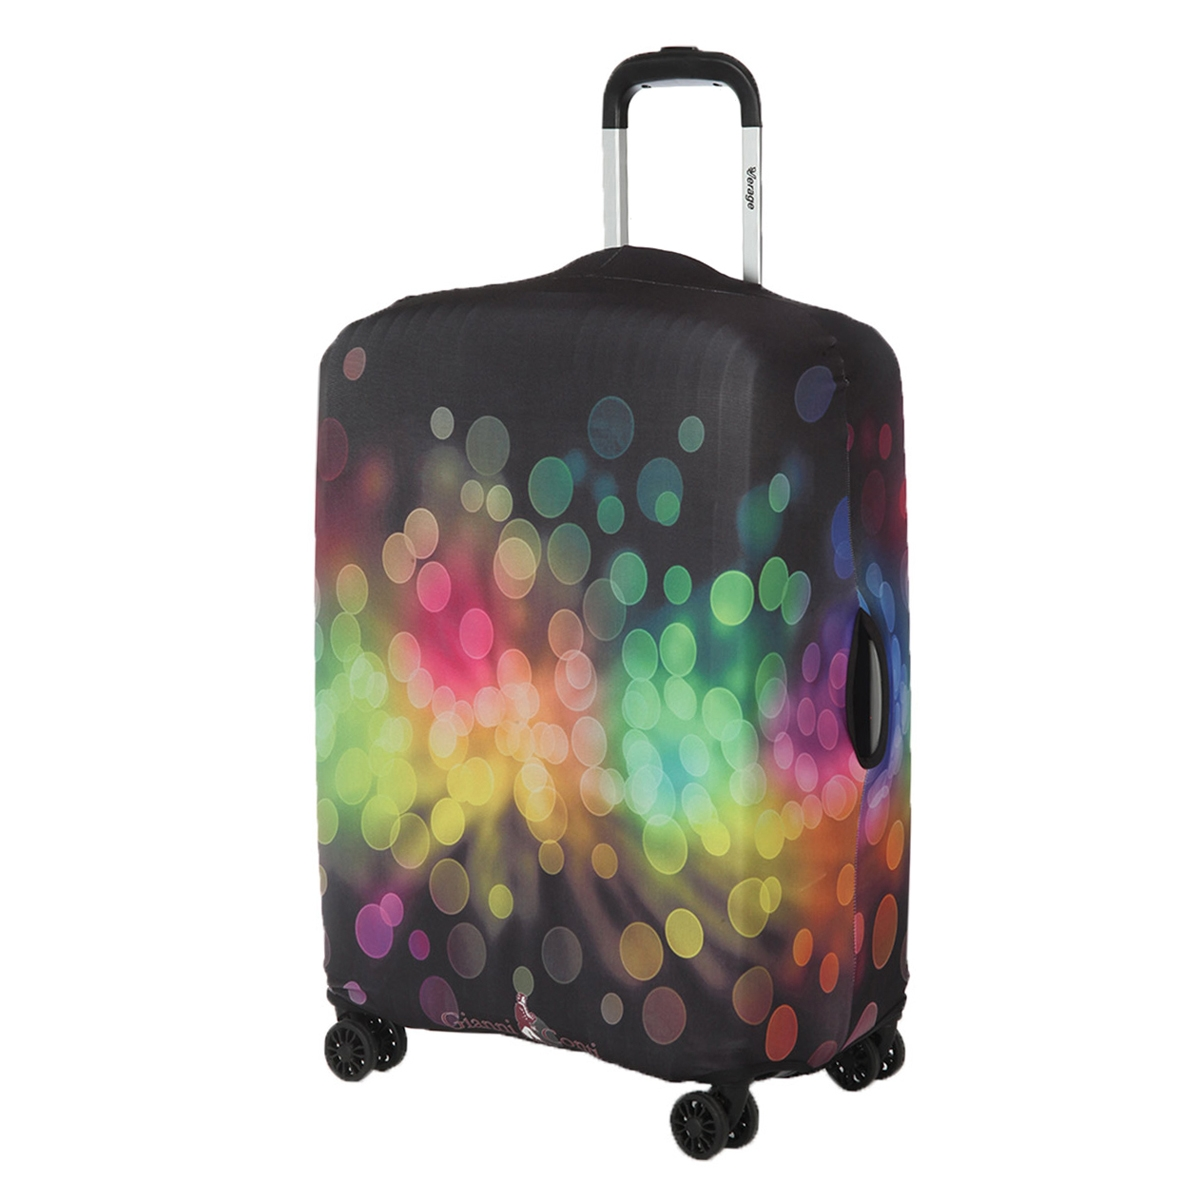 Защитное покрытие для чемодана Gianni Conti 9049 L.